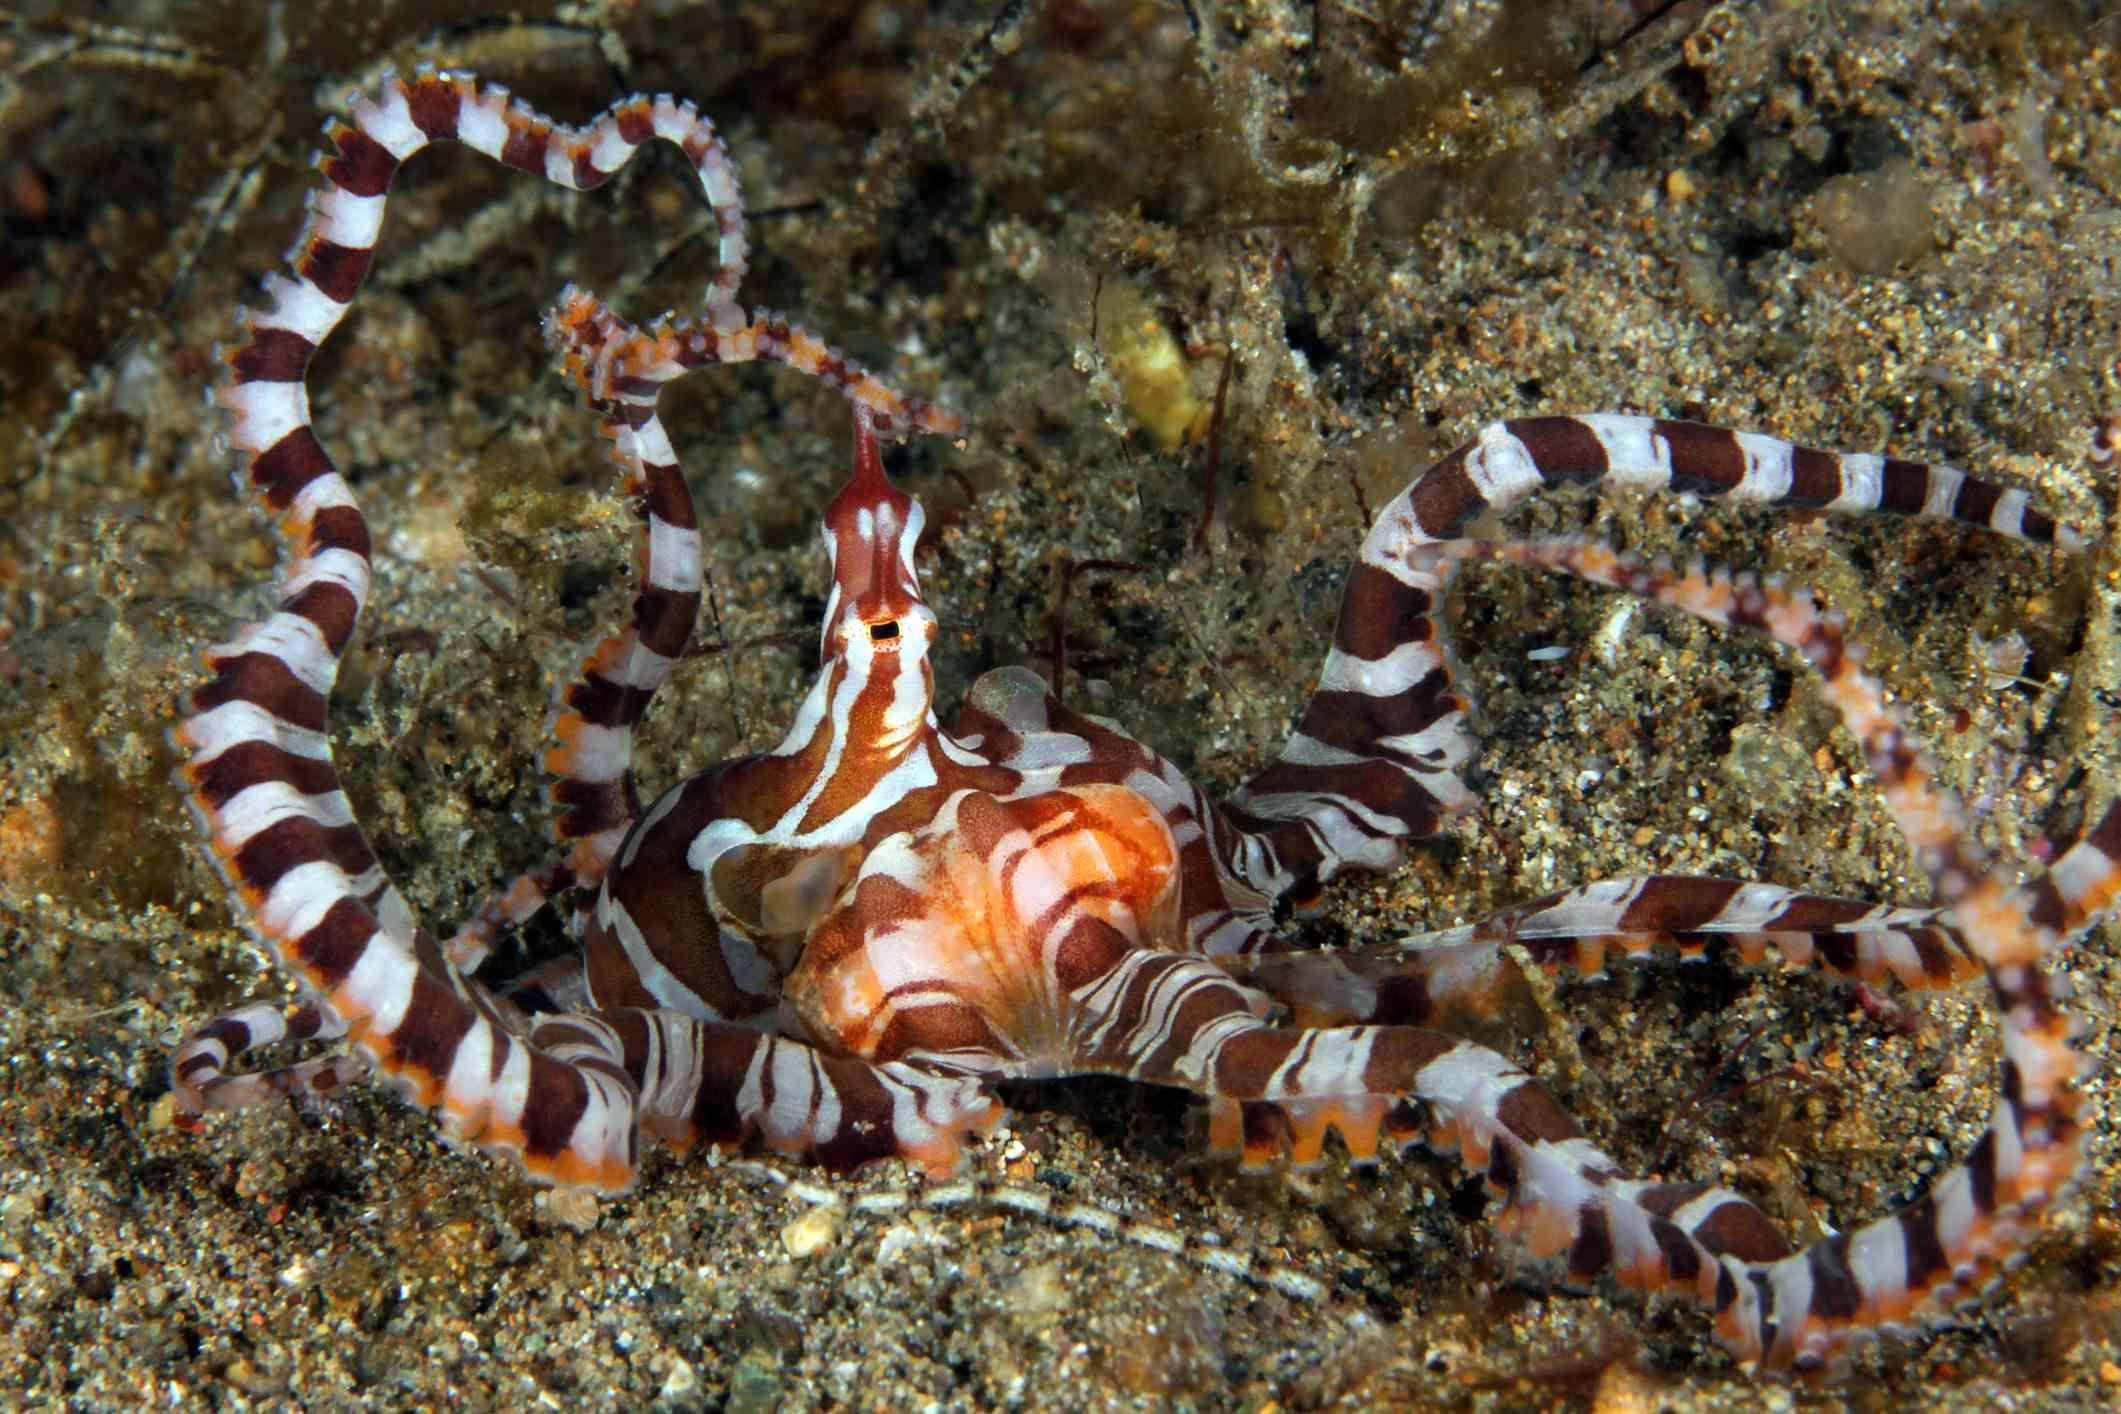 brown and white wonderpus octopus resting on a sandy ocean floor